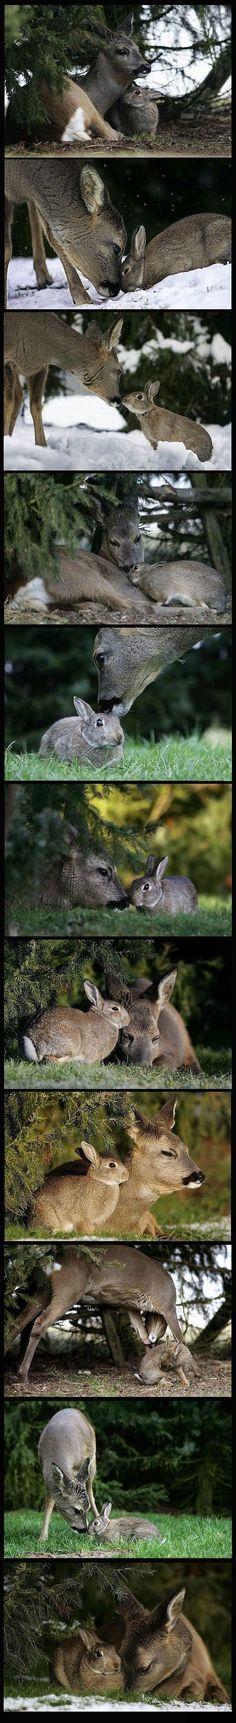 Un ciervo y una liebre hermosos. Como mejores amigos.